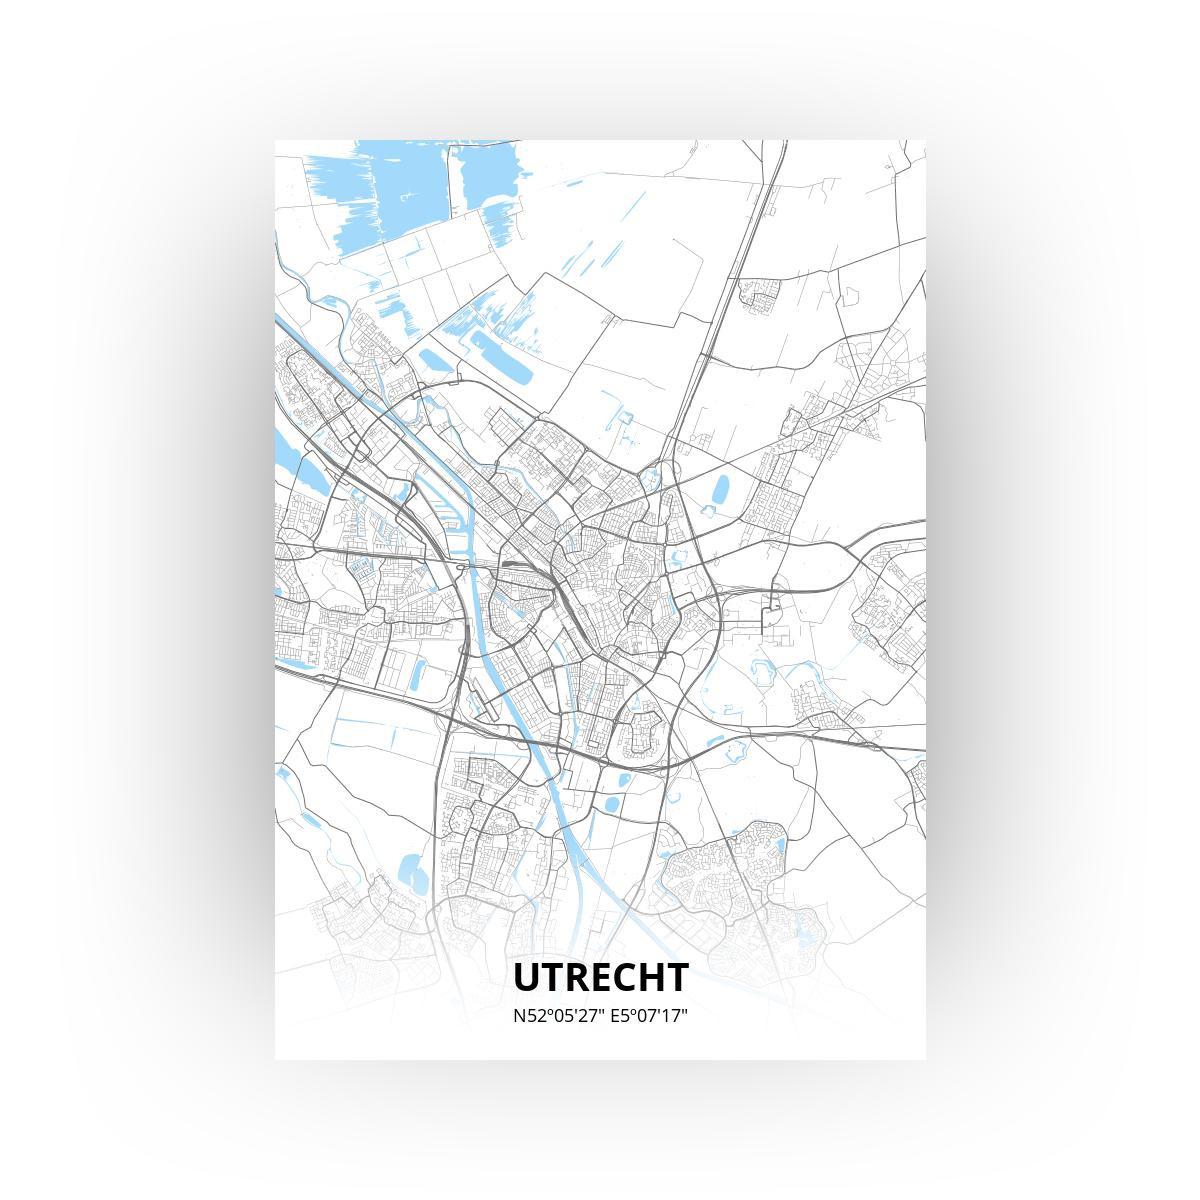 Utrecht poster - Zelf aan te passen!